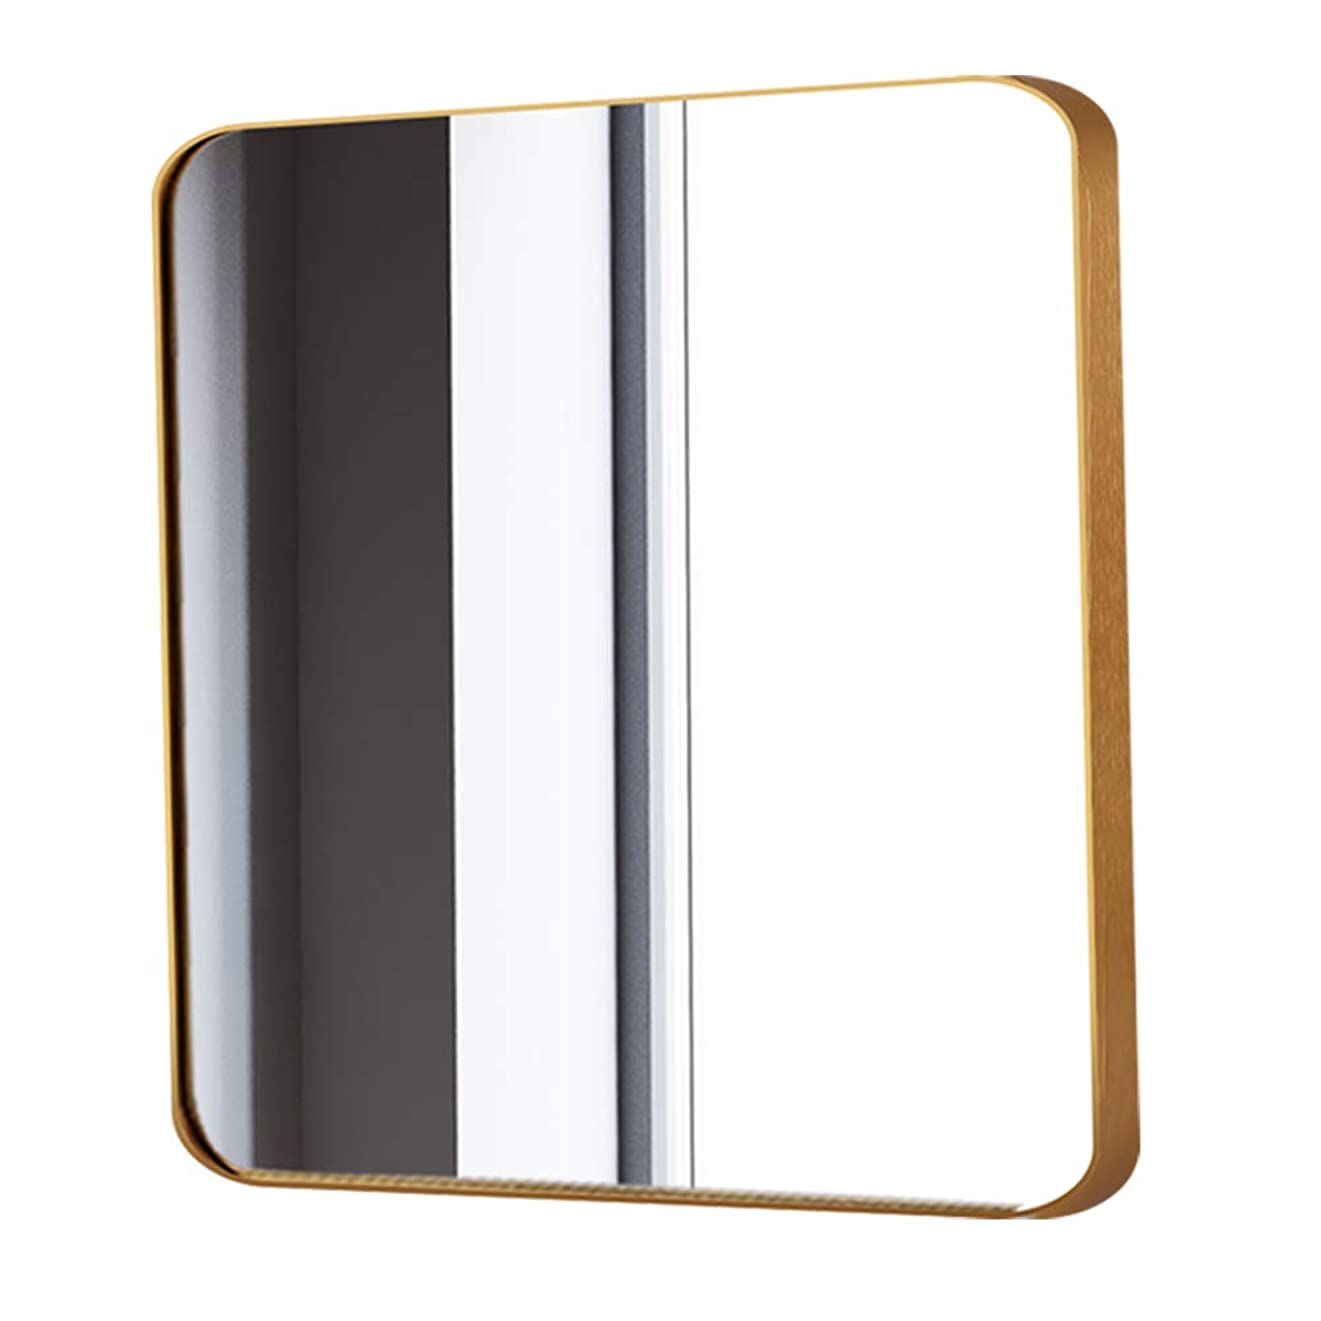 観察する達成する延ばす正方形の壁掛け鏡、化粧鏡、化粧台鏡、浴室用寝室用トイレミラー(アルミニウム、ニッケル、金)